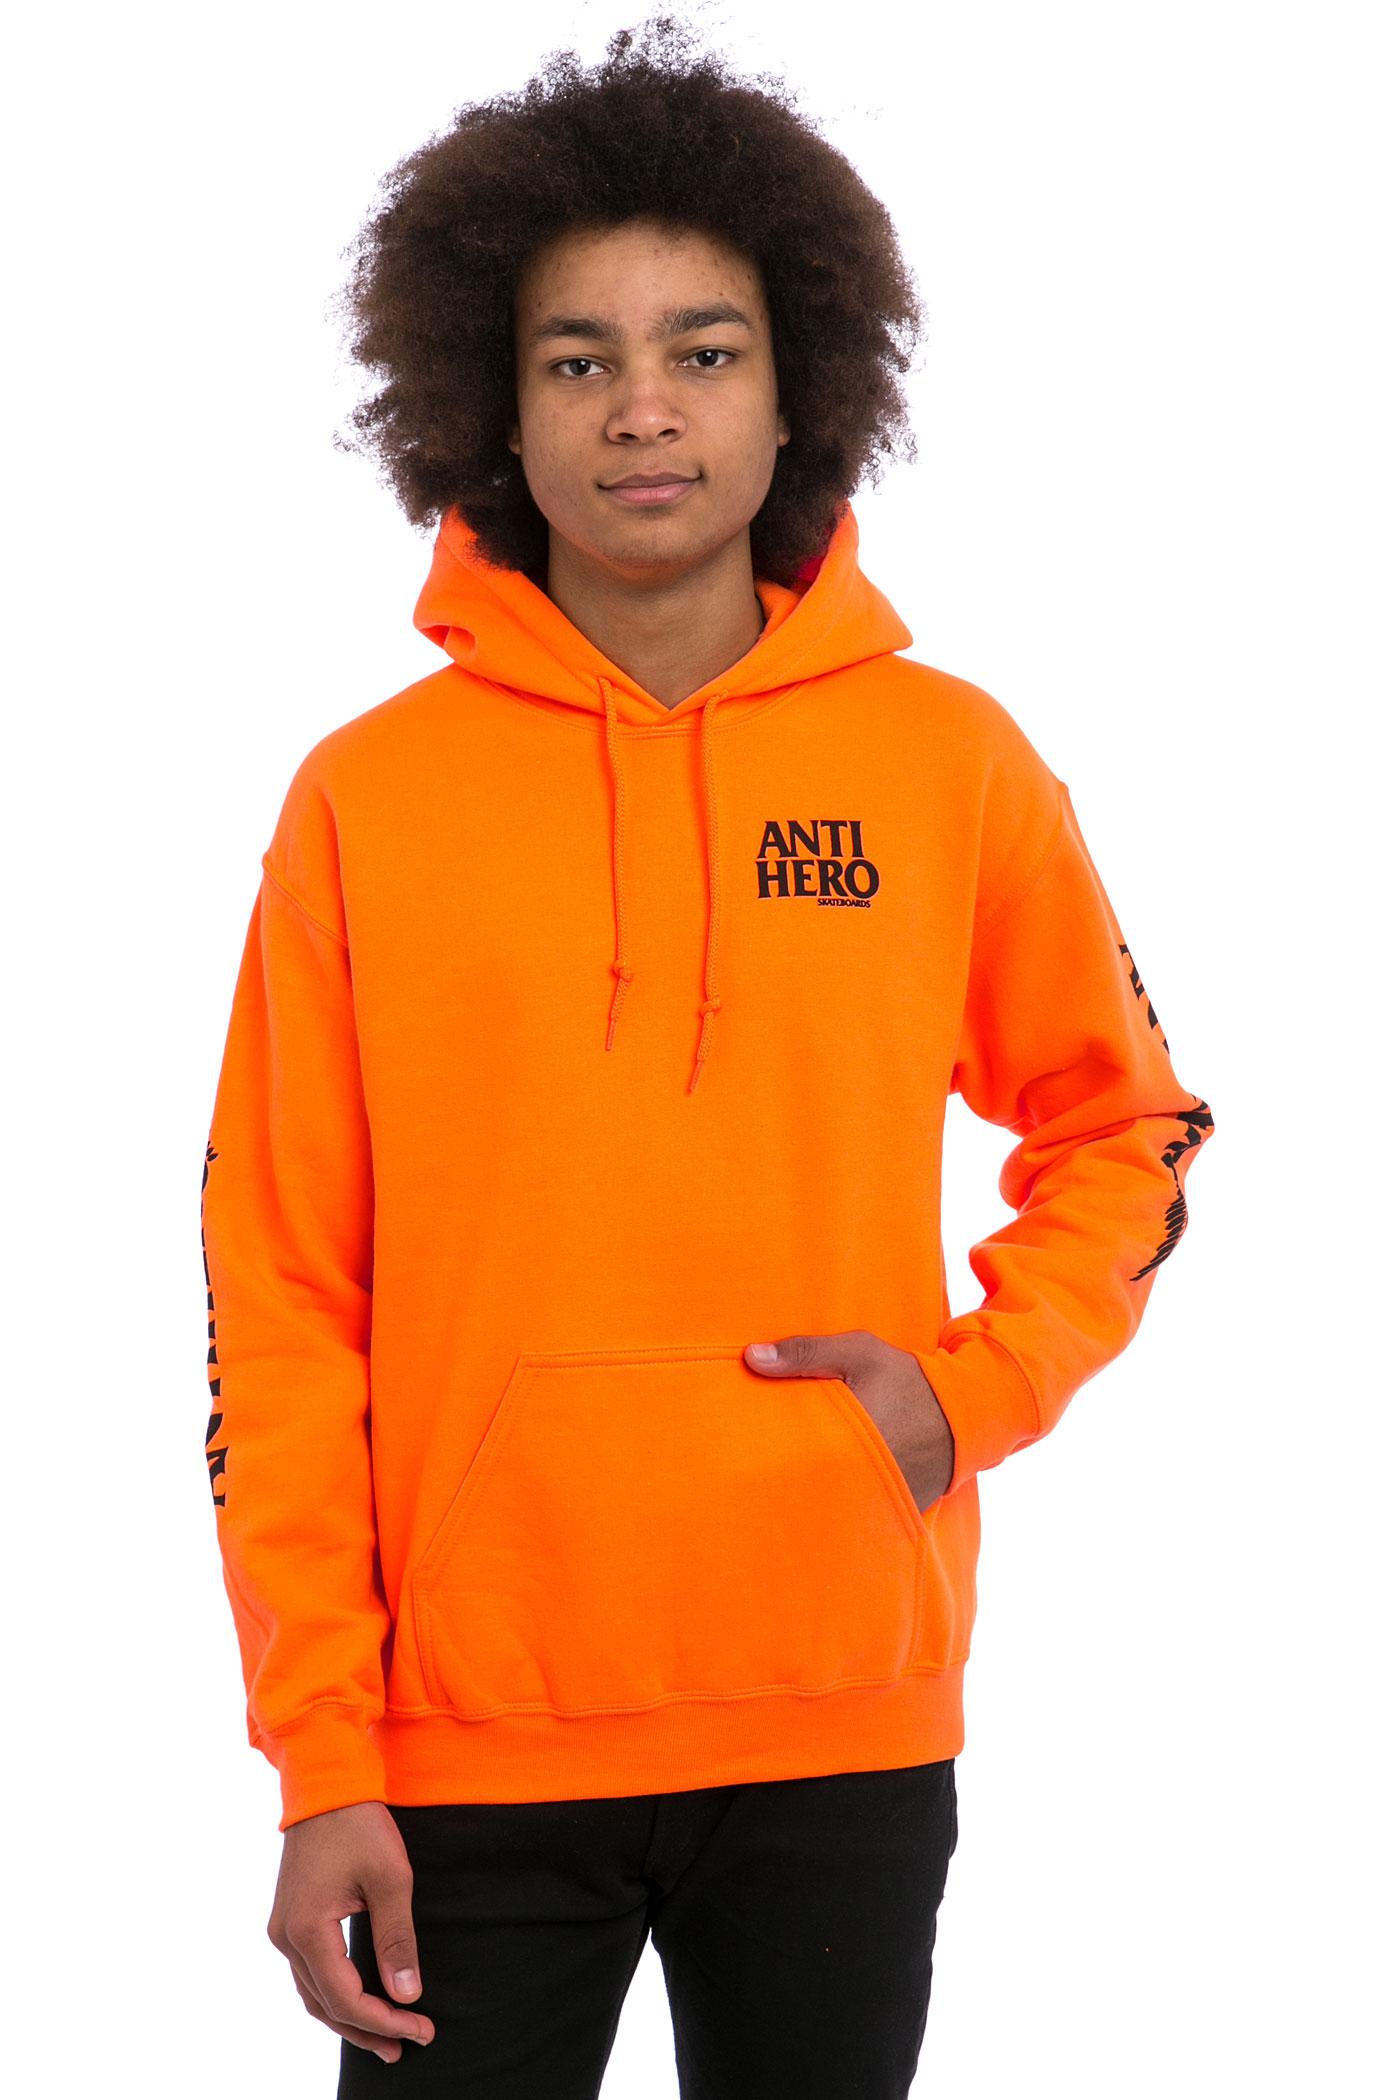 Anti Hero Winghero Hoodie (orange black) buy at skatedeluxe